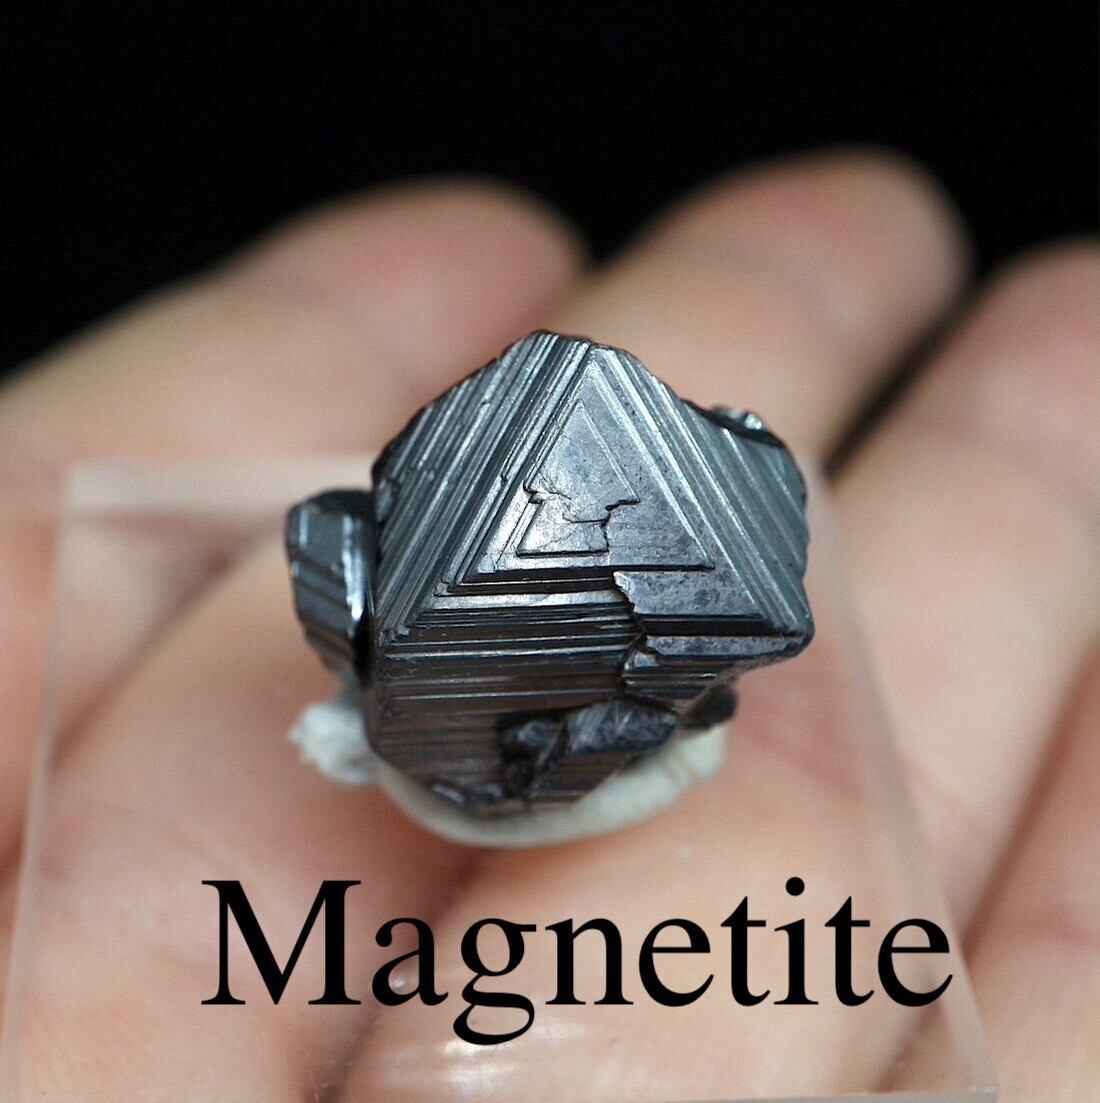 マグネタイト クリスタル 磁鉄鉱 6,9g ユタ州産   MGT031  原石 天然石 鉱物 パワーストーン